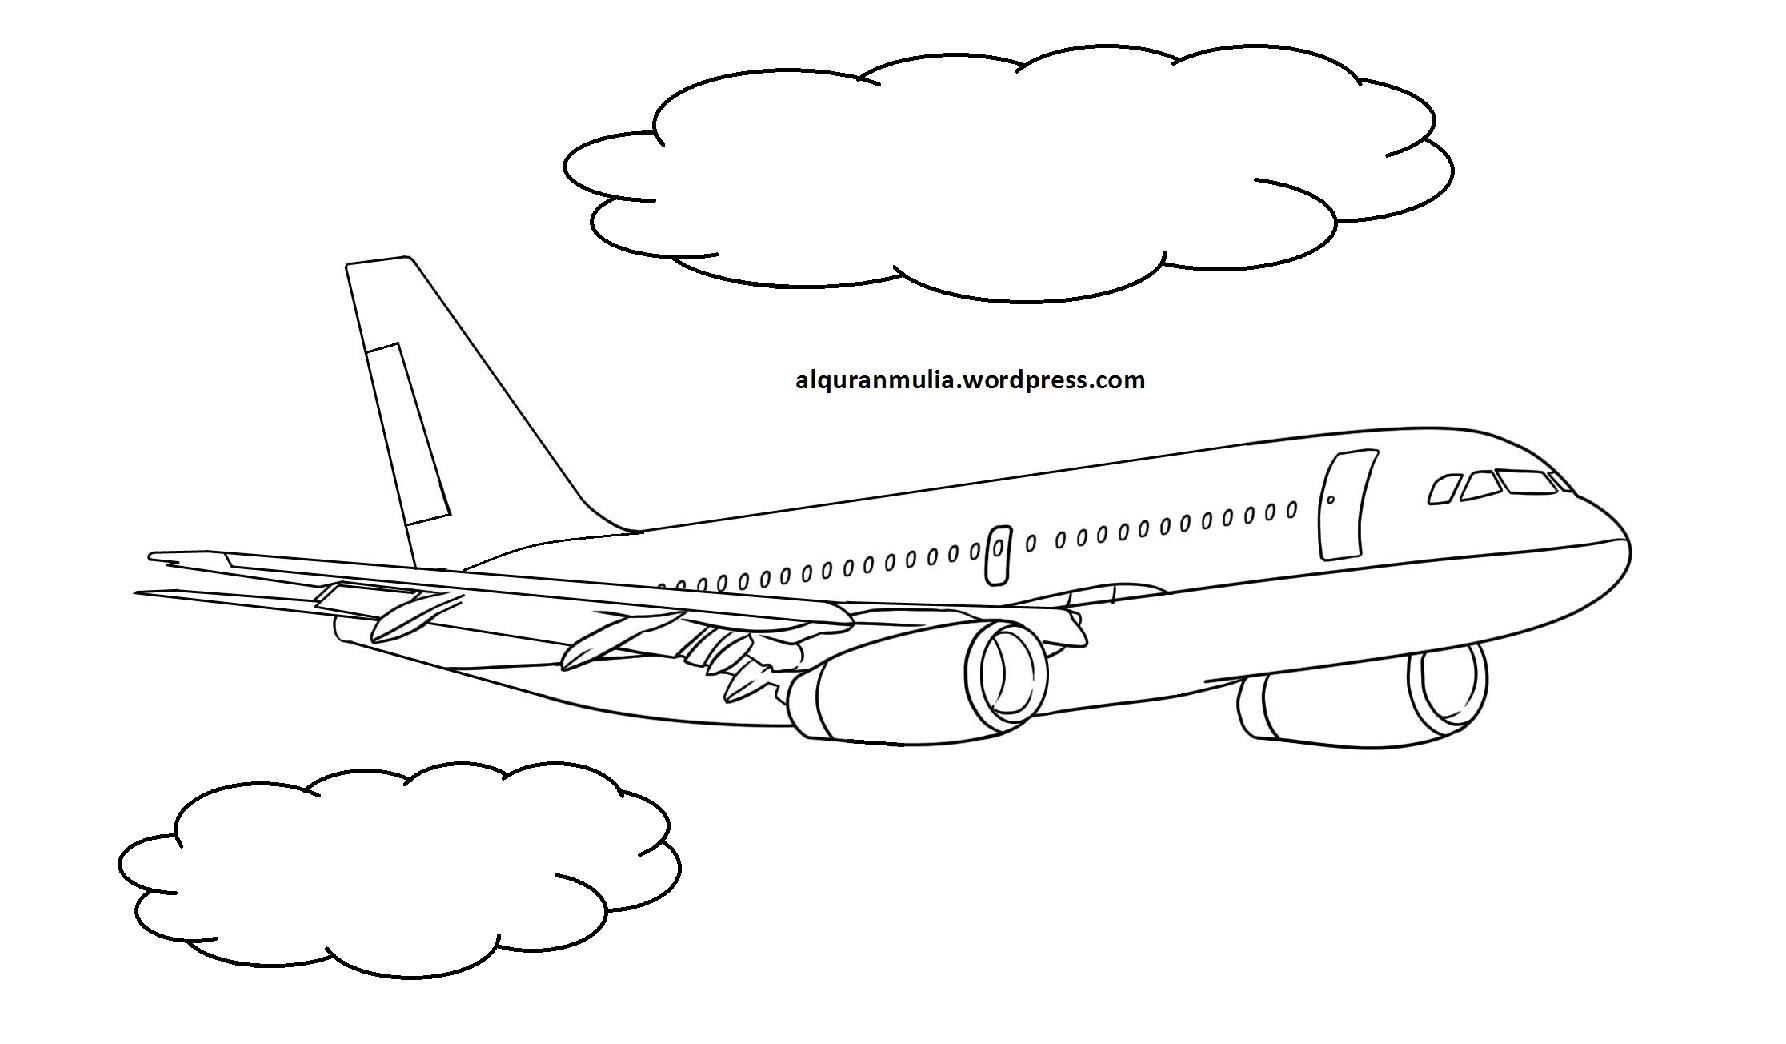 Mewarnai Gambar Pesawat Terbang 14 Anak Muslim Alquranmulia